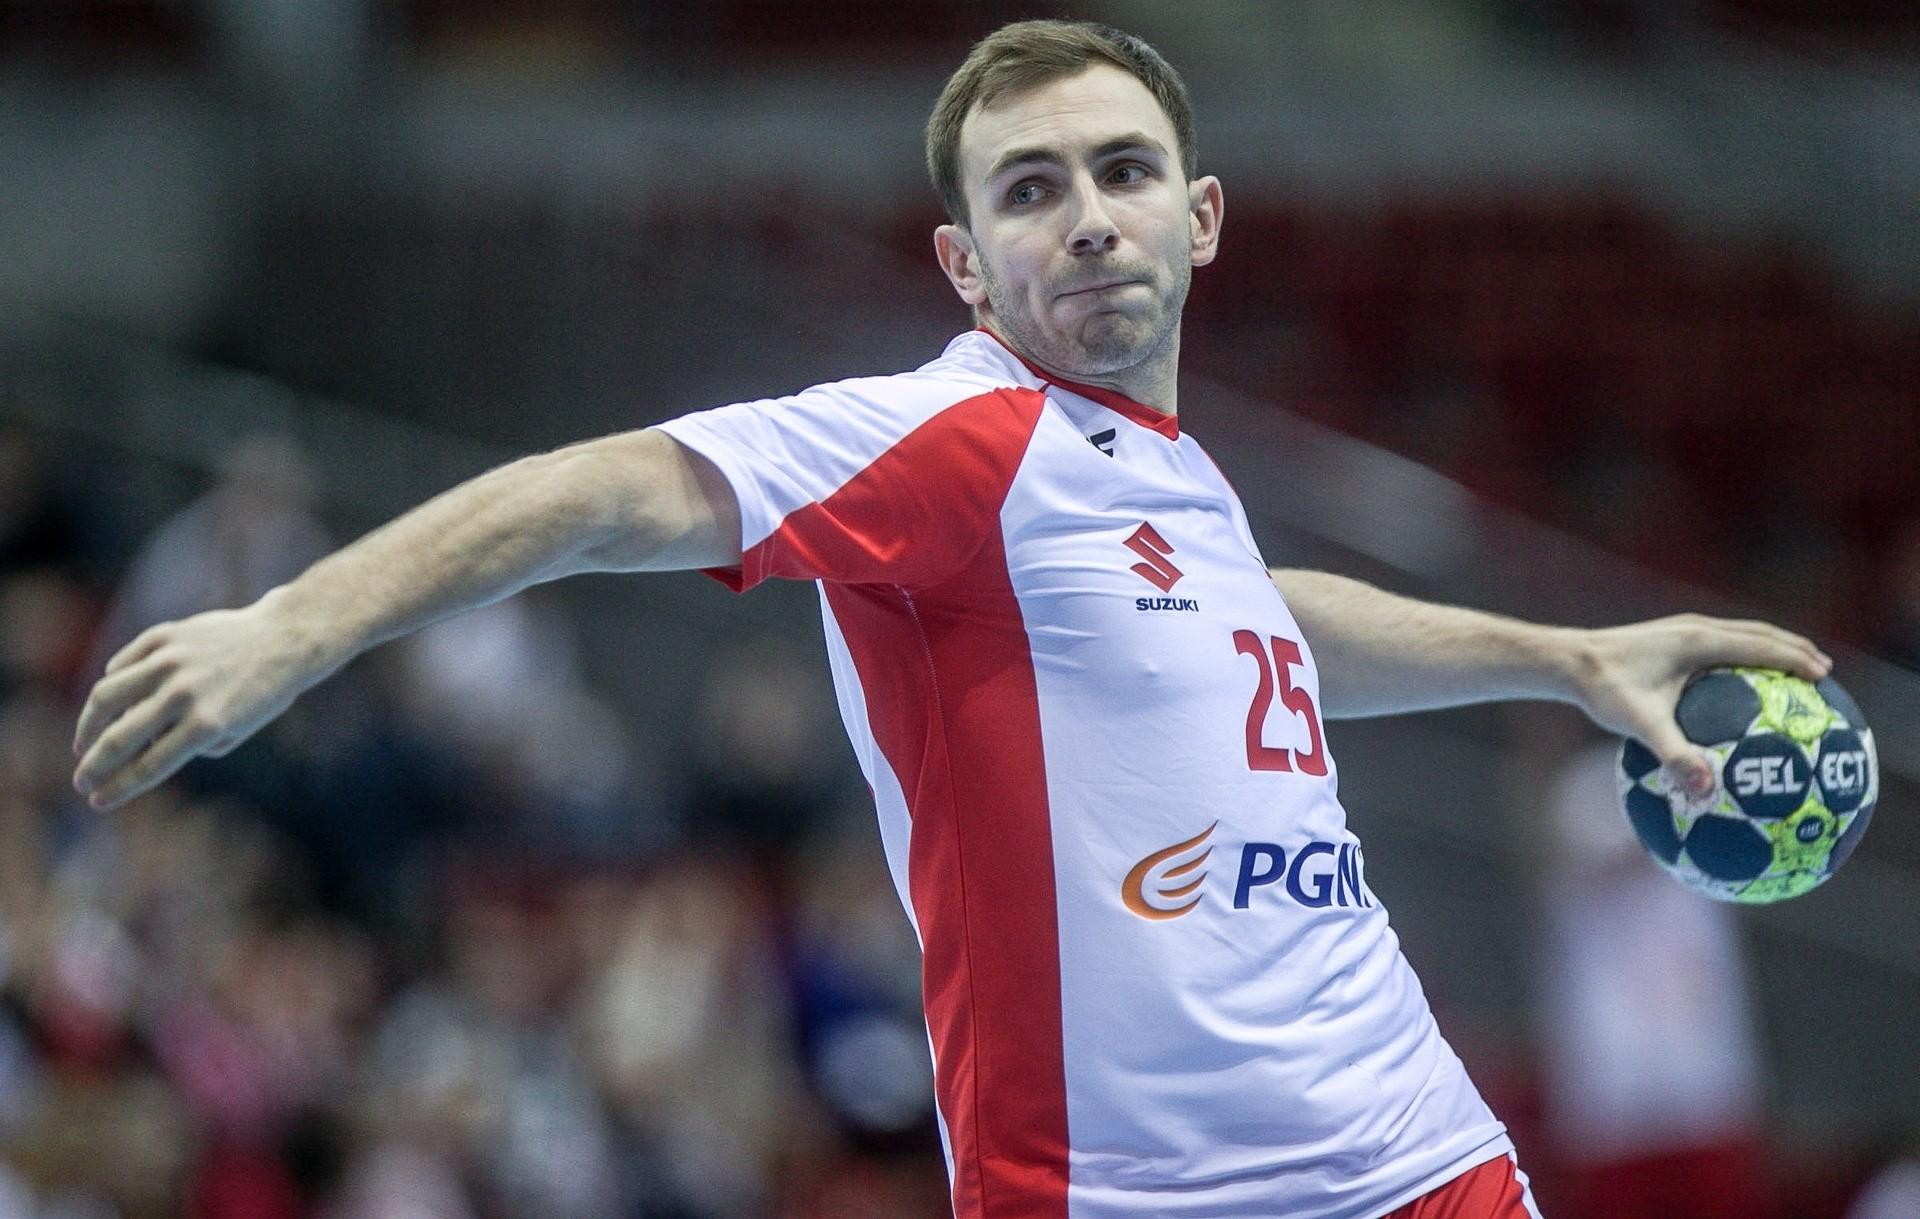 b3513053e Polska męczyła się z Kosowem w pierwszym meczu turnieju preeliminacji  mistrzostw świata piłkarzy ręcznych. Świetny Moryto (3.99/12)